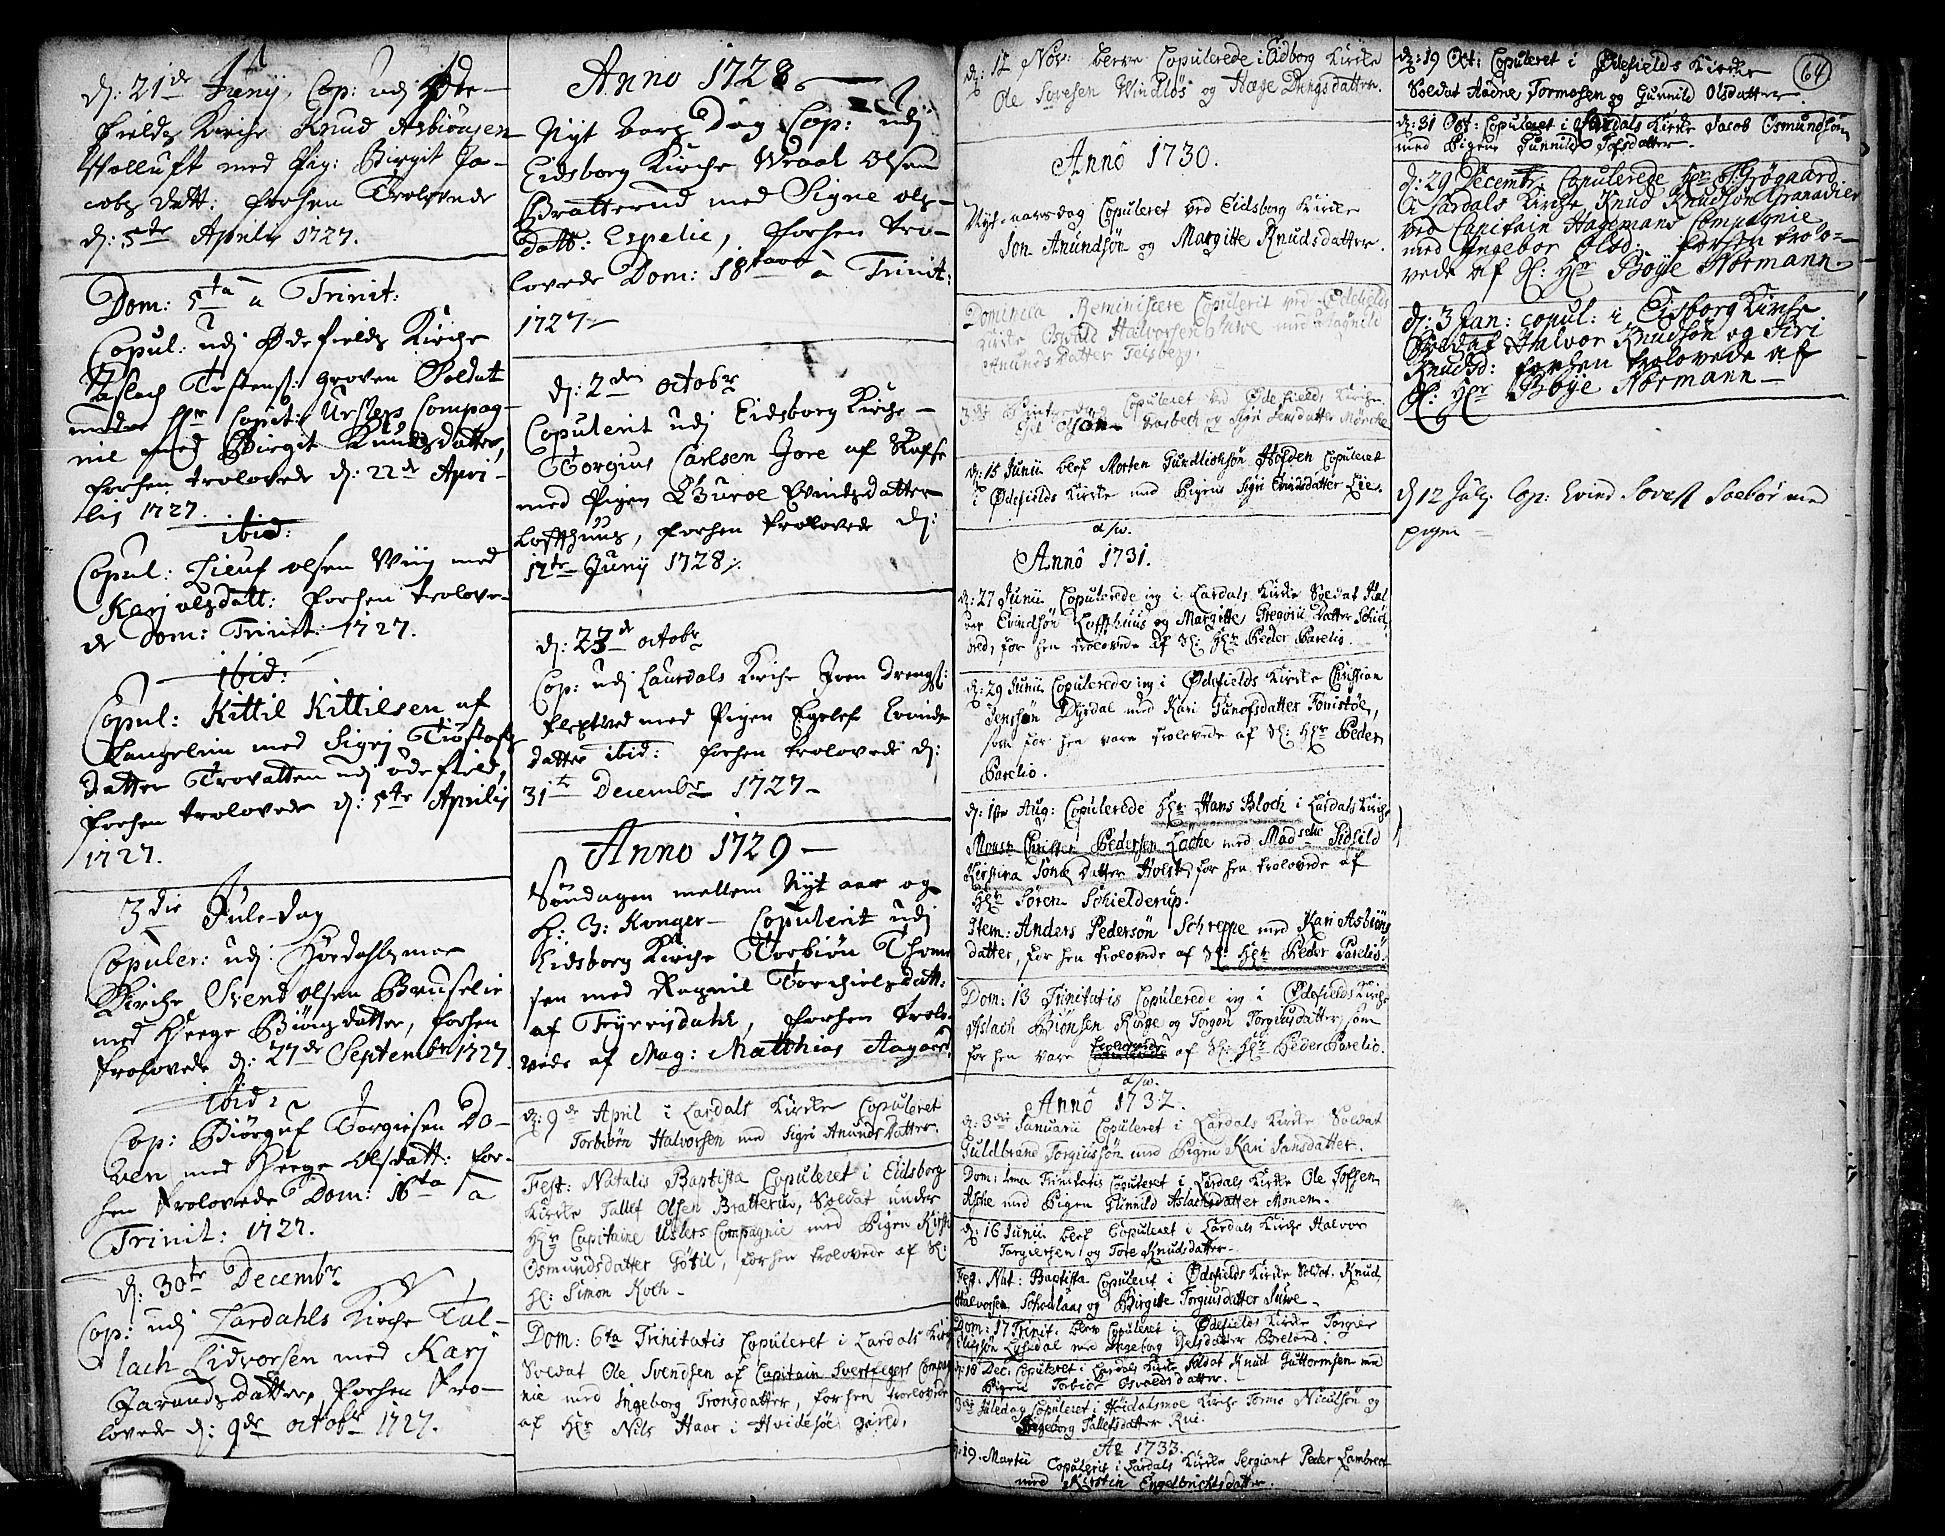 SAKO, Lårdal kirkebøker, F/Fa/L0001: Ministerialbok nr. I 1, 1721-1734, s. 64